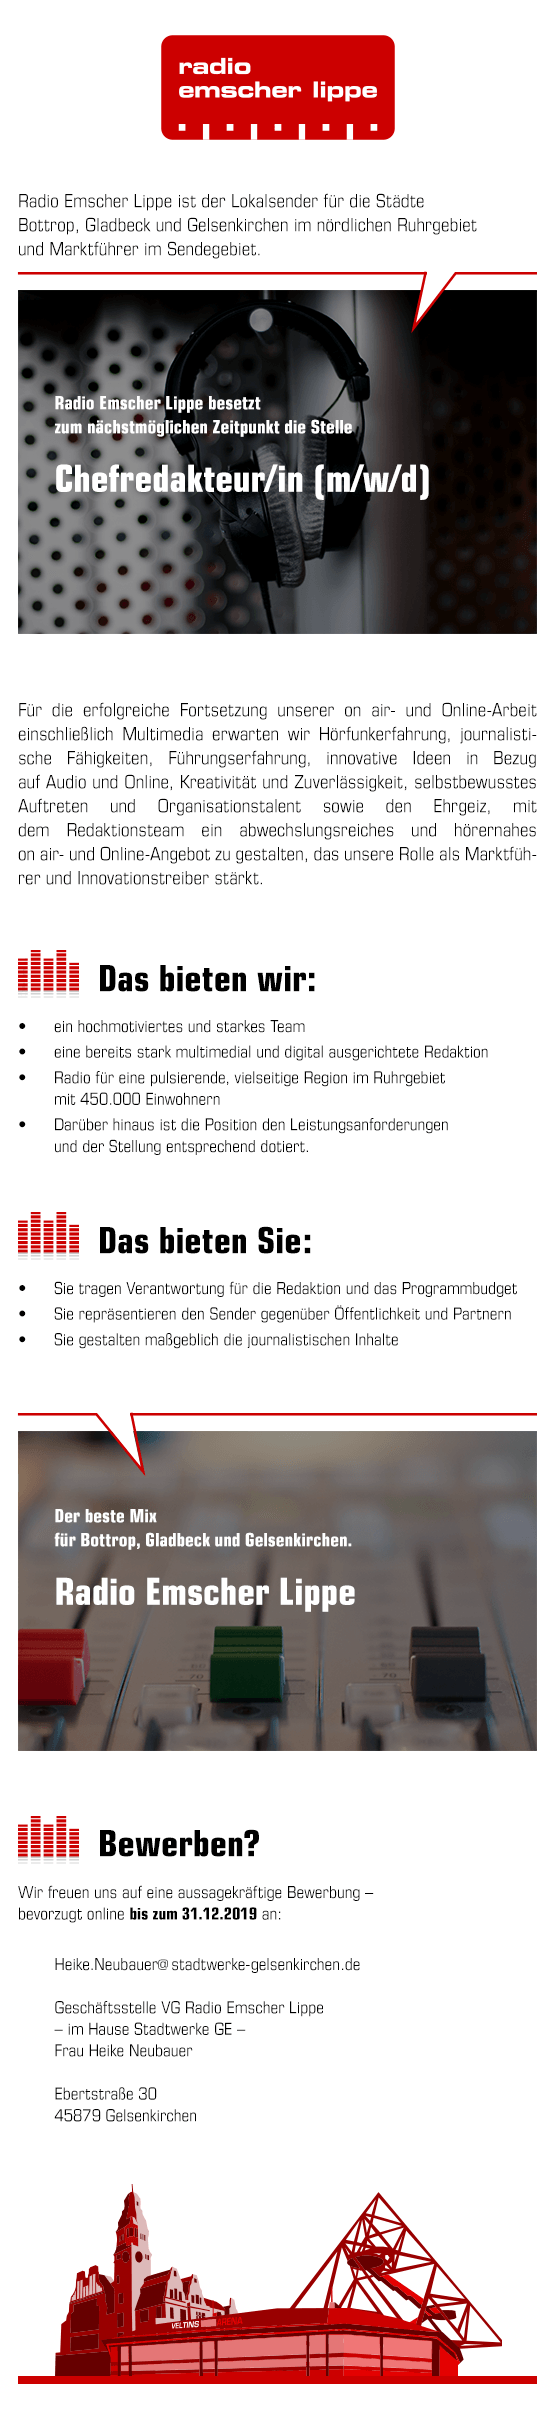 Radio Emscher Lippe sucht Chefredakteur (m/w/d)